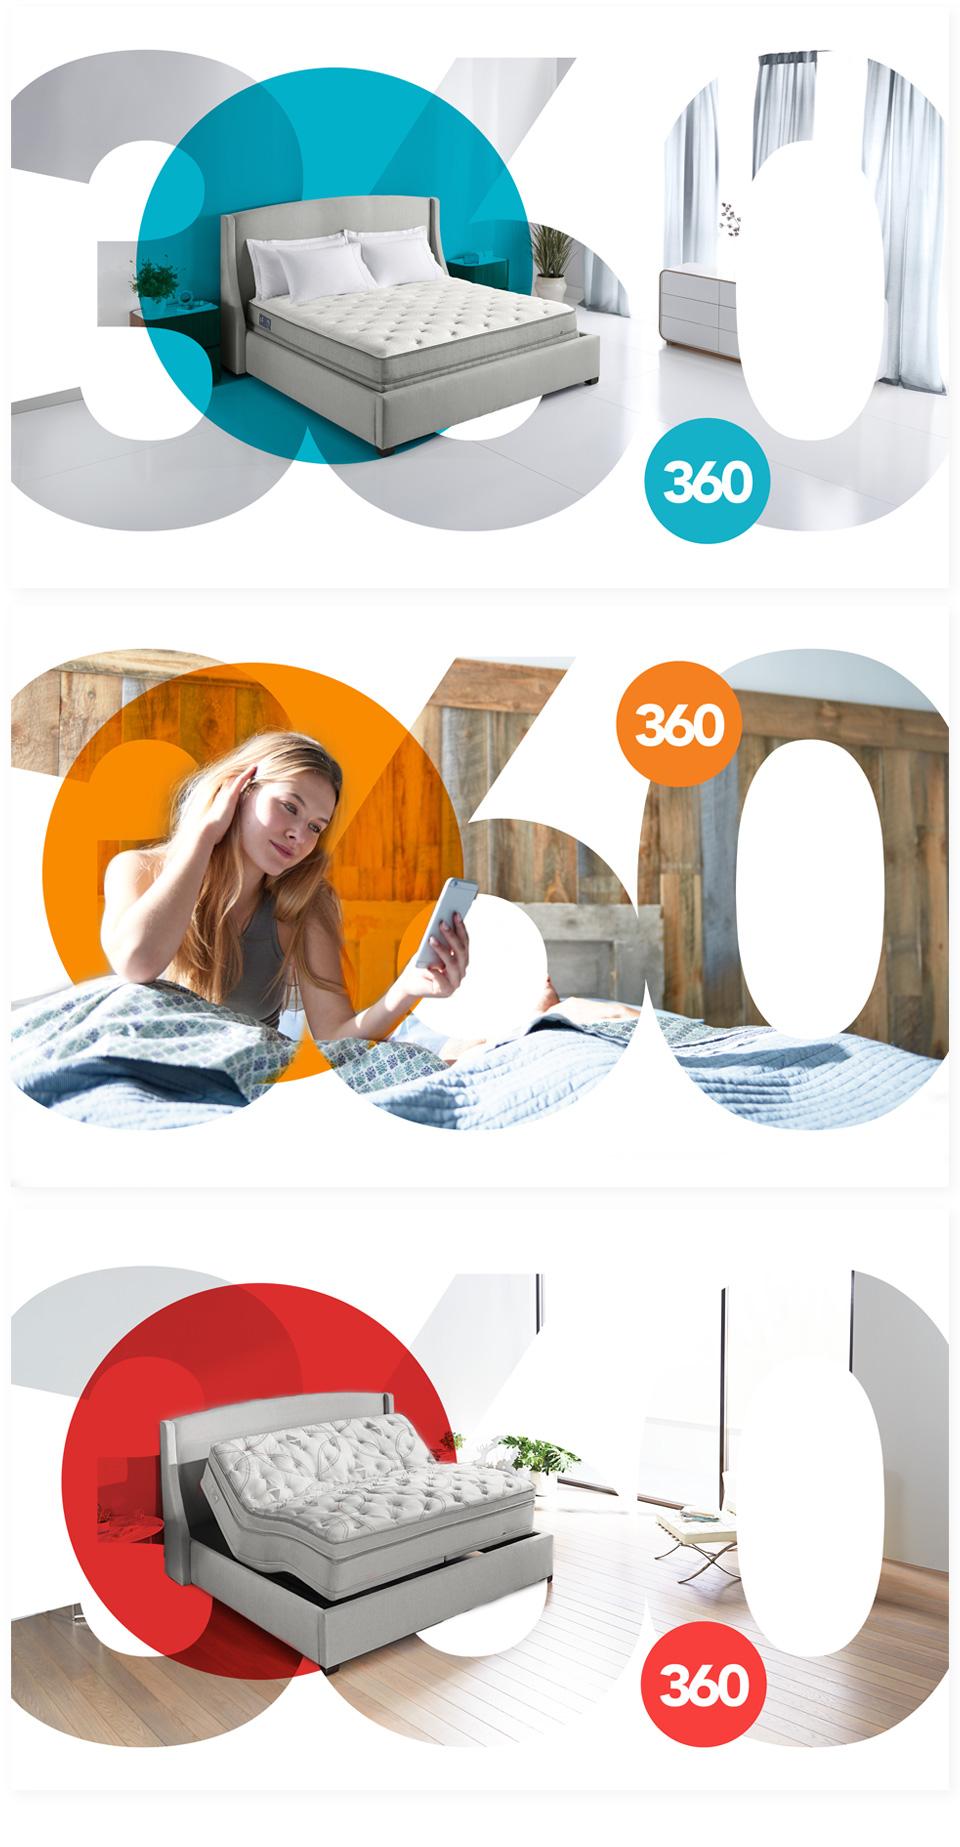 360Scenes.jpg